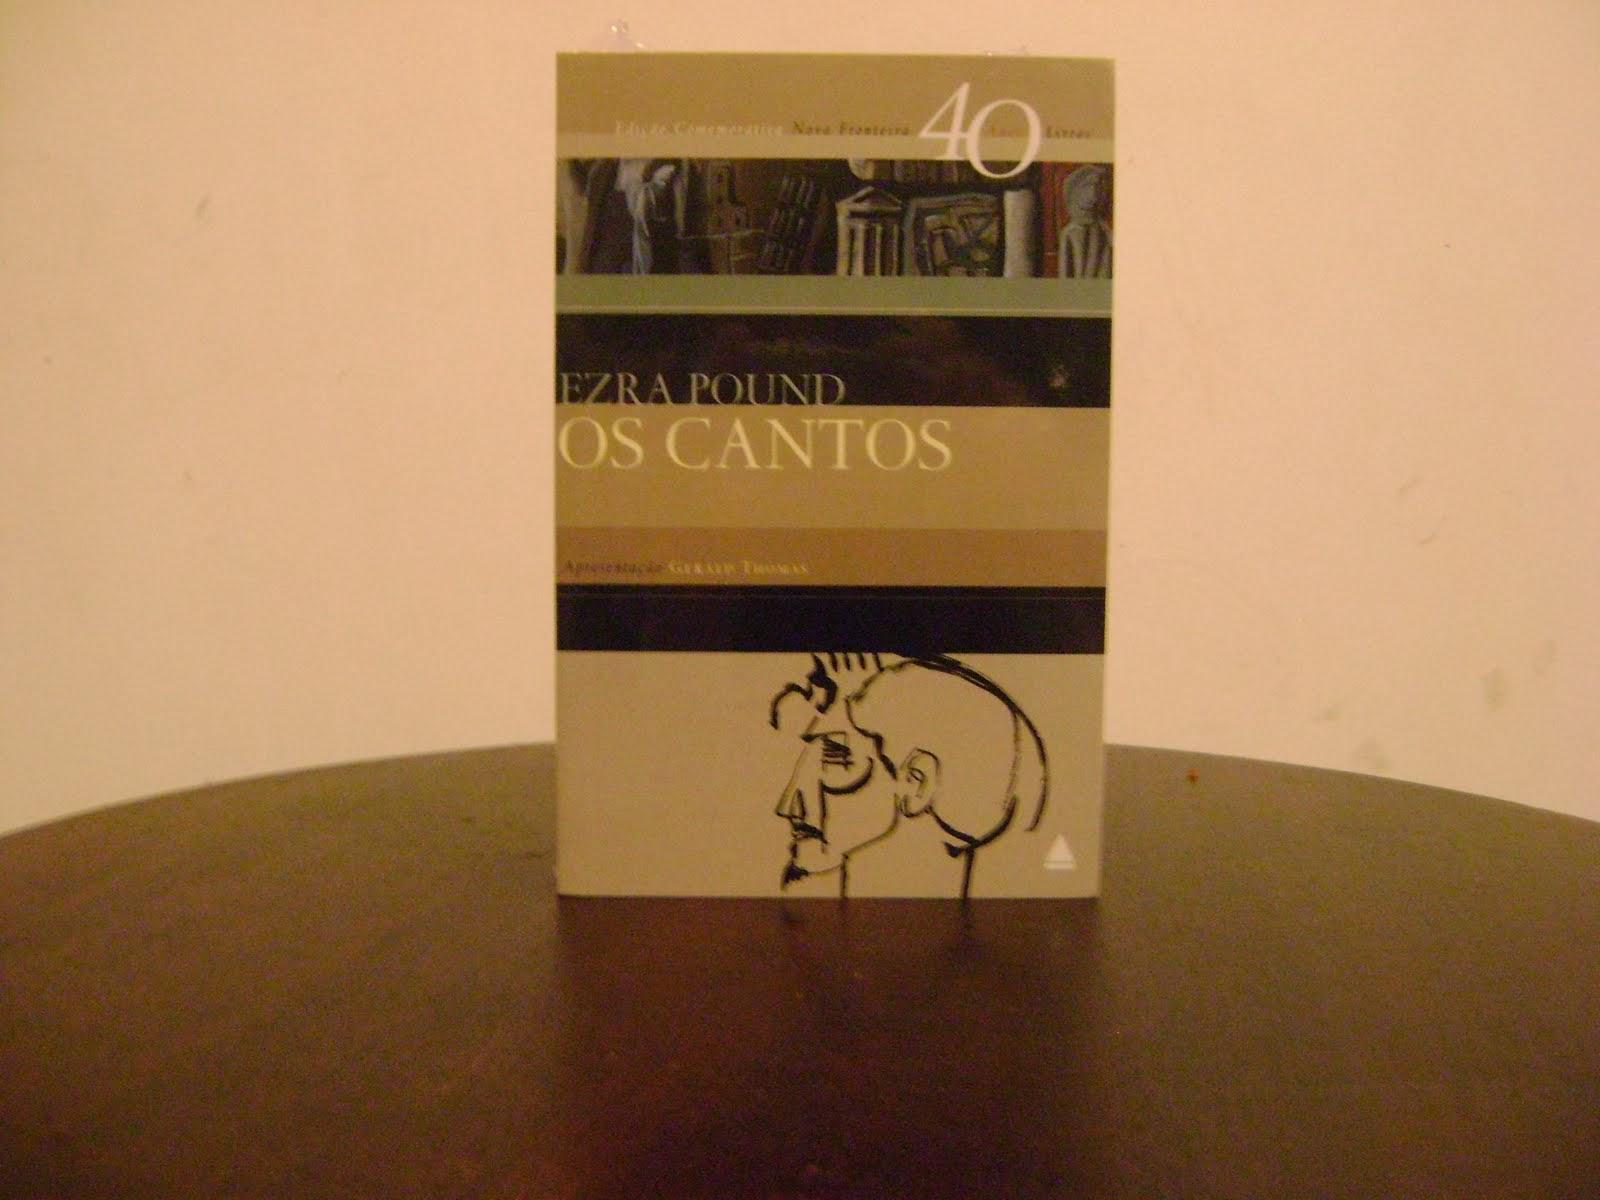 Cantos (Ezra Pound)